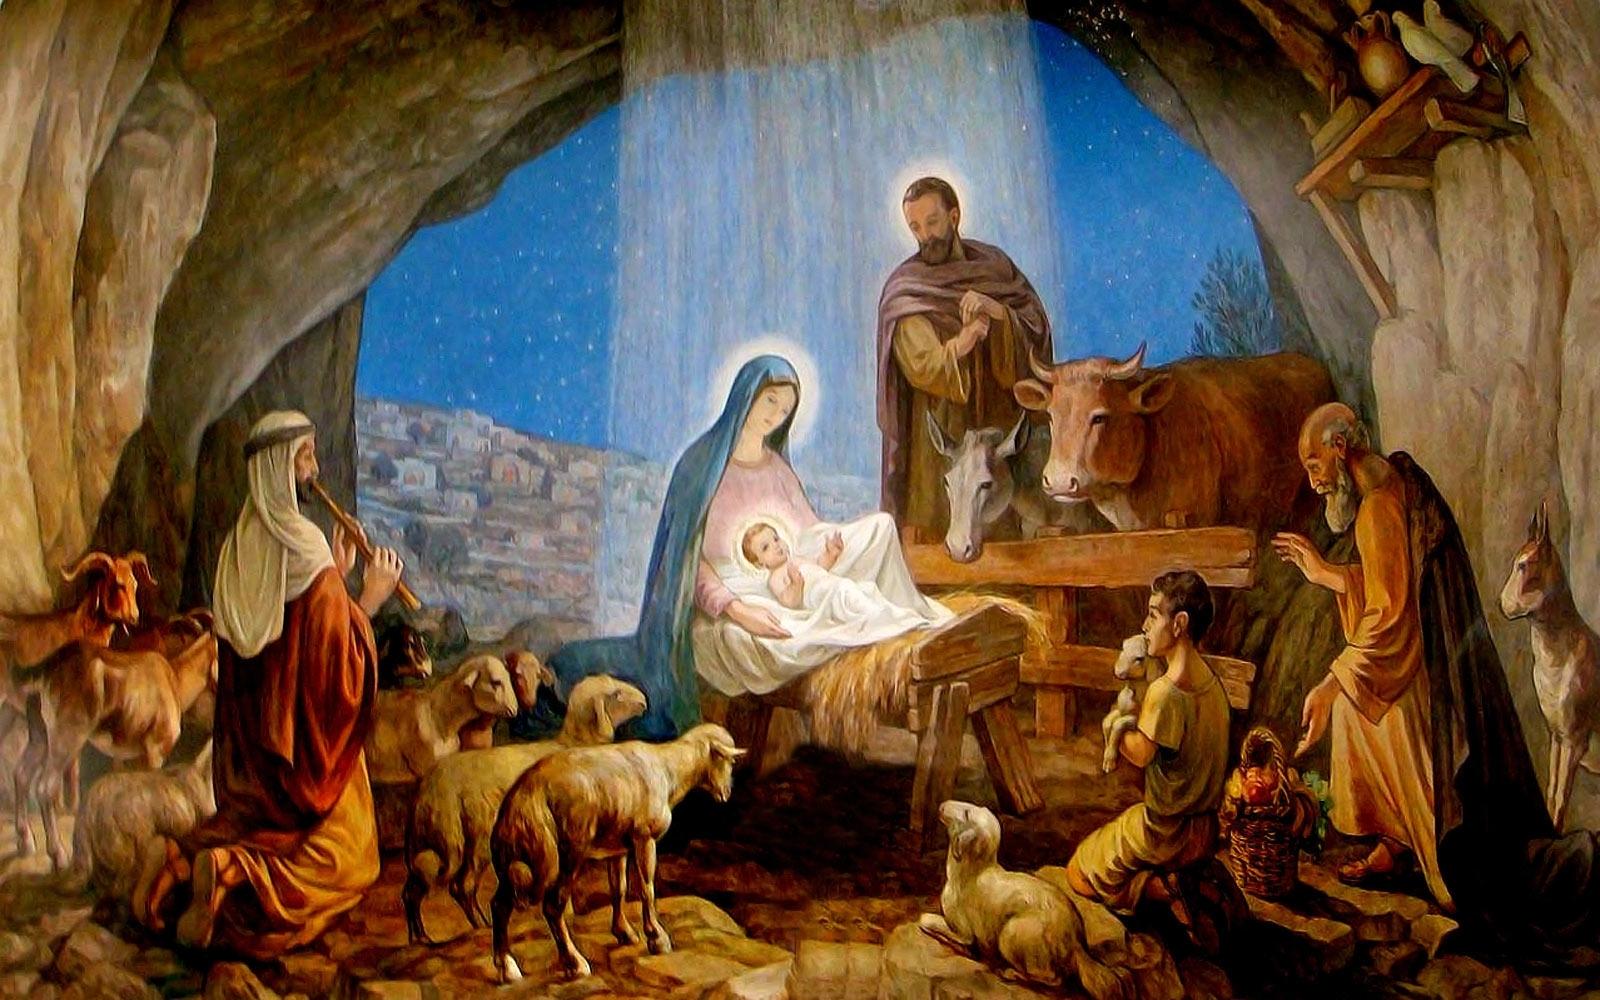 il servizio petrino: the birth of jesus